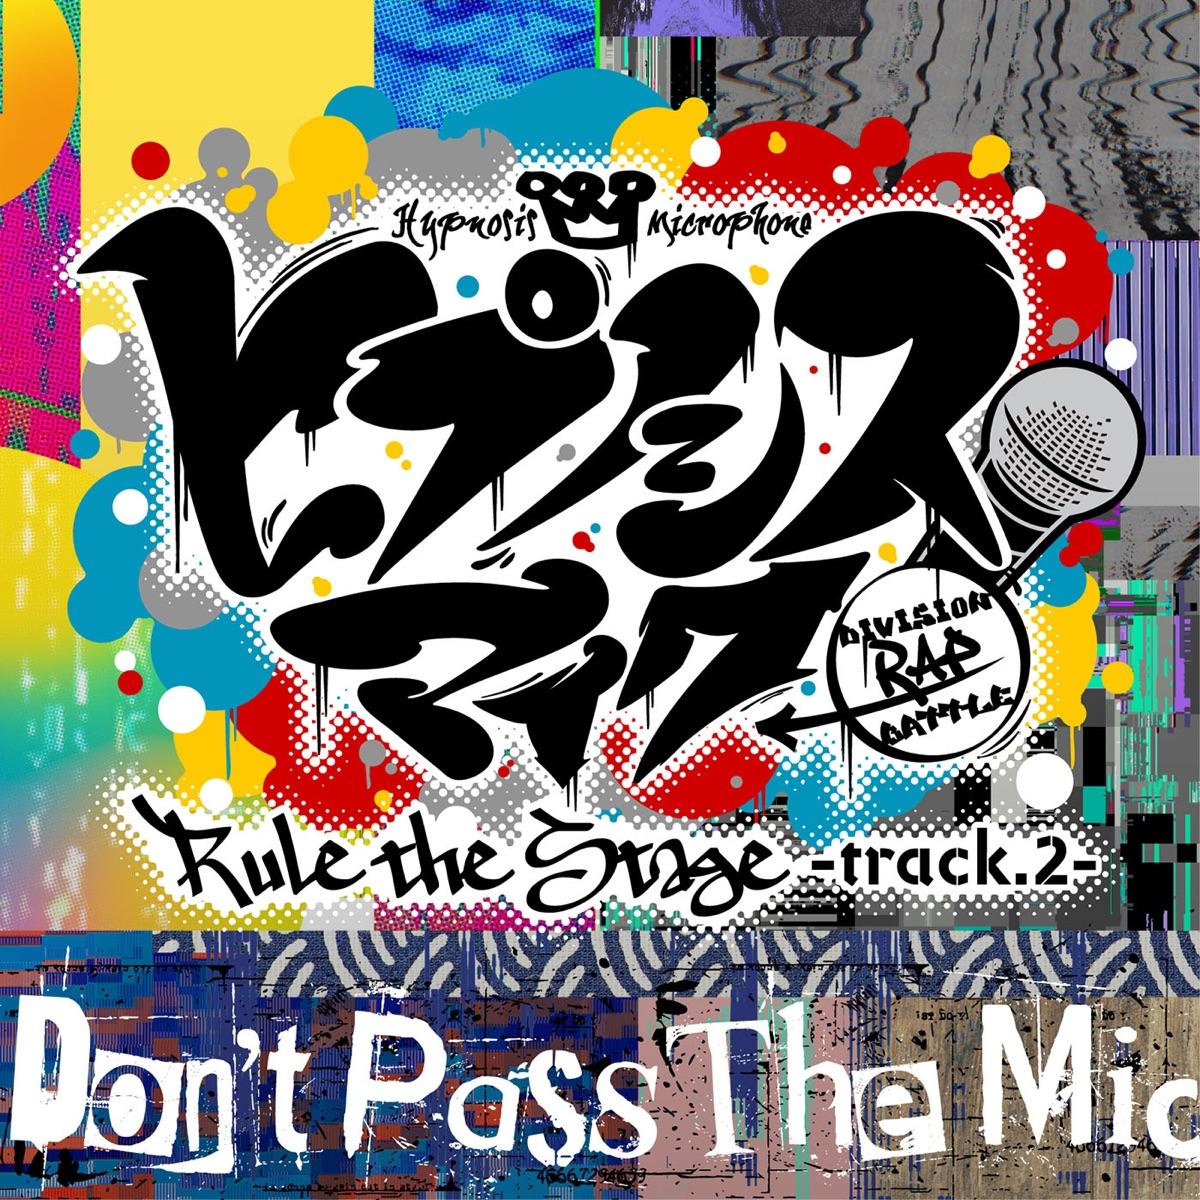 『ヒプノシスマイク -D.R.B- Rule the Stage(Fling Posse・麻天狼・鬼瓦ボンバーズ) Don't Pass The Mic -Rule the Stage track.2- 歌詞』収録の『Don't Pass The Mic -Rule the Stage track.2-』ジャケット